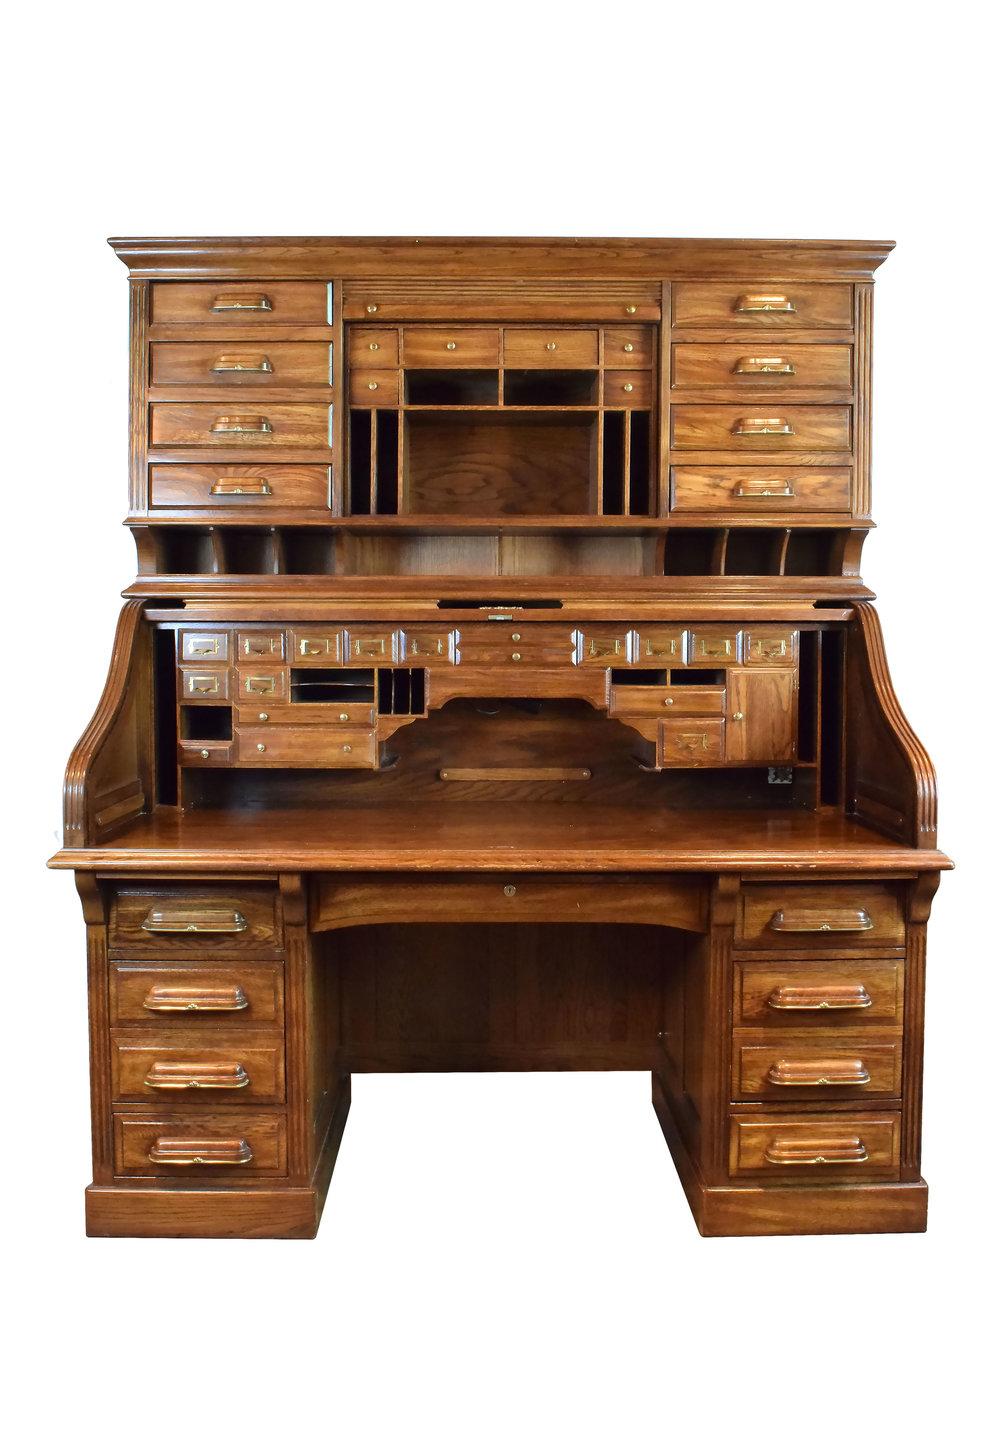 47117-rolltop-desk-front-view.jpg